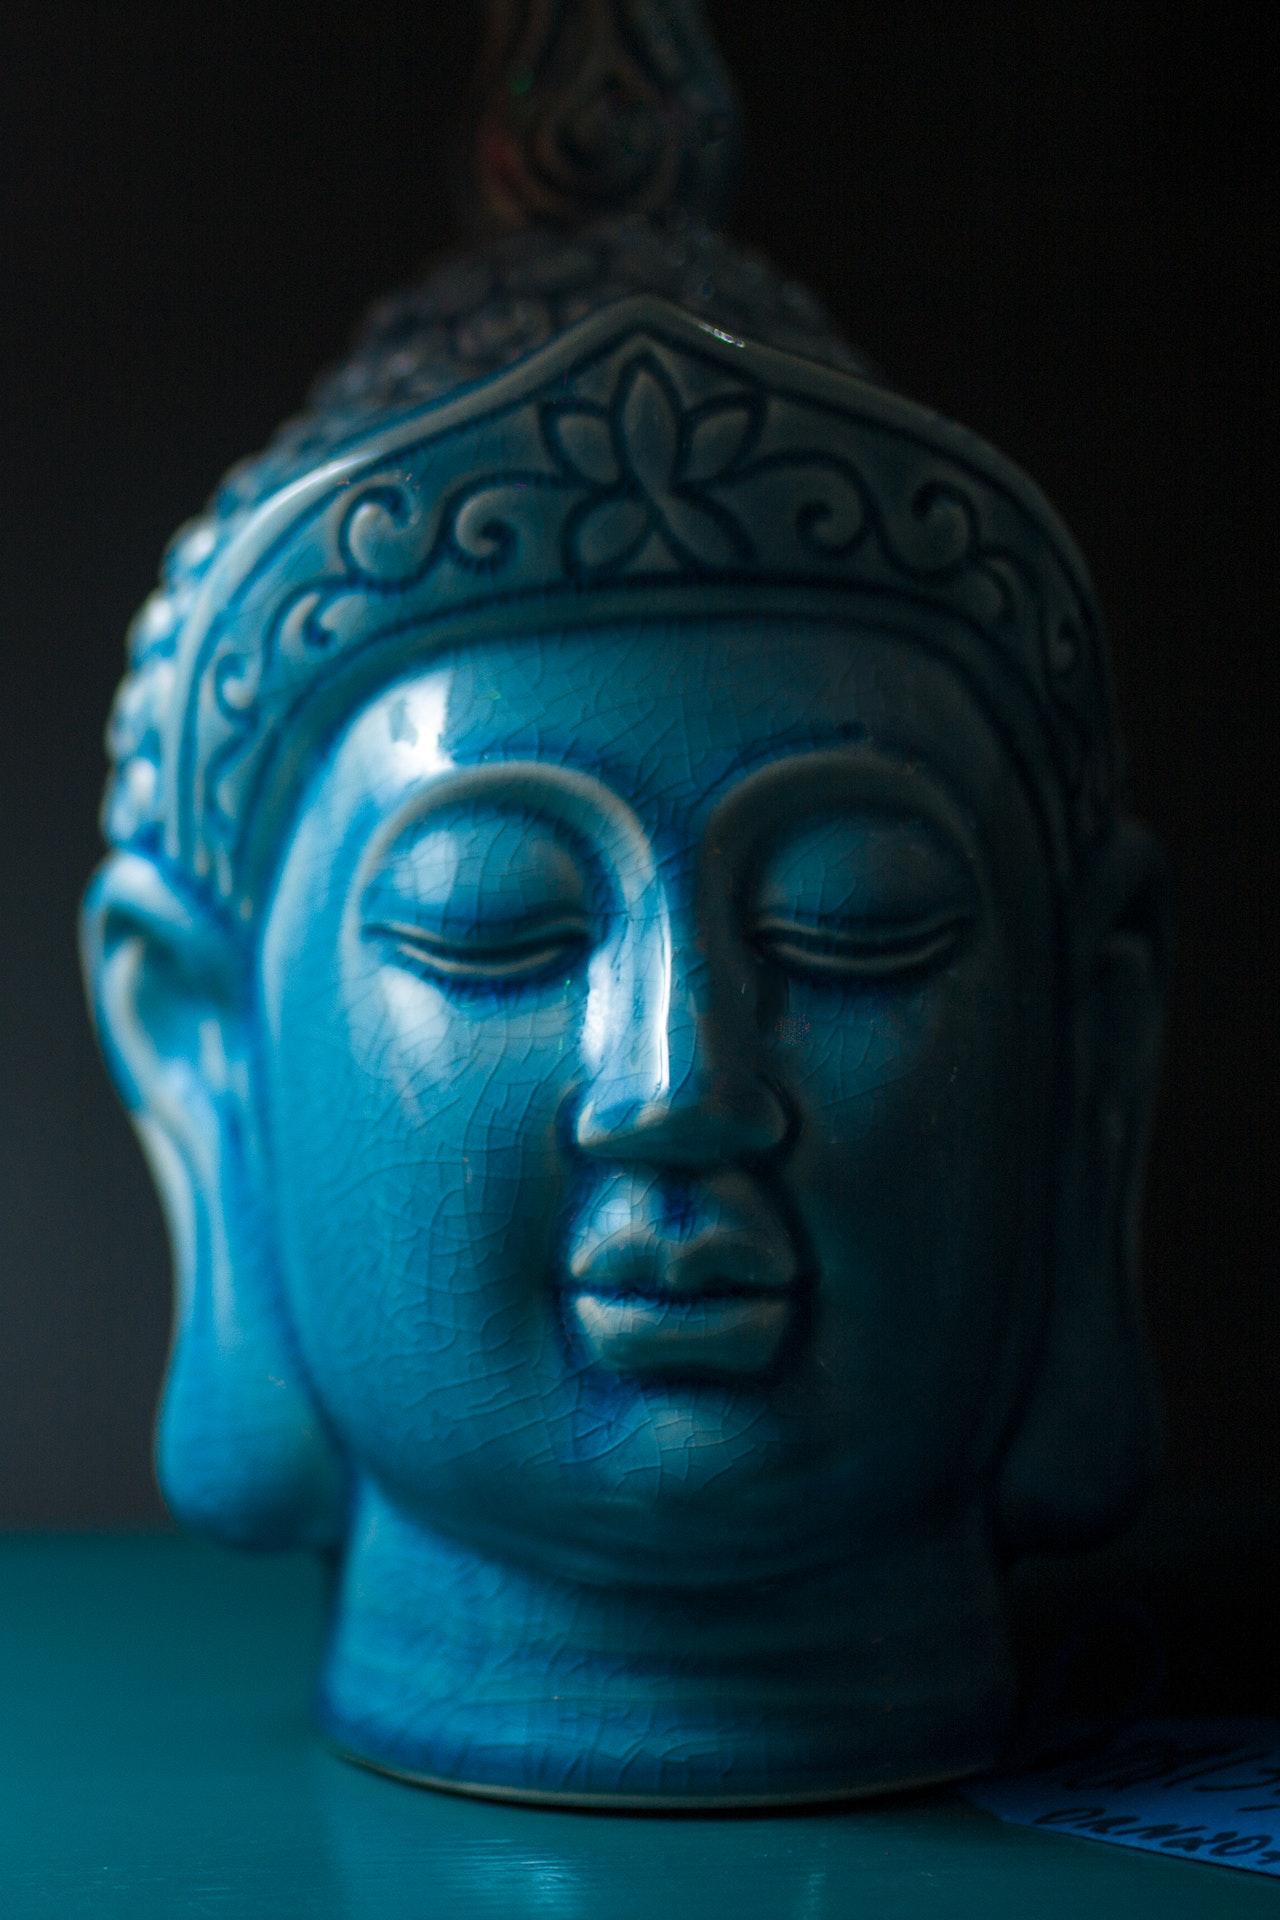 art-asia-blue-1597017.jpg